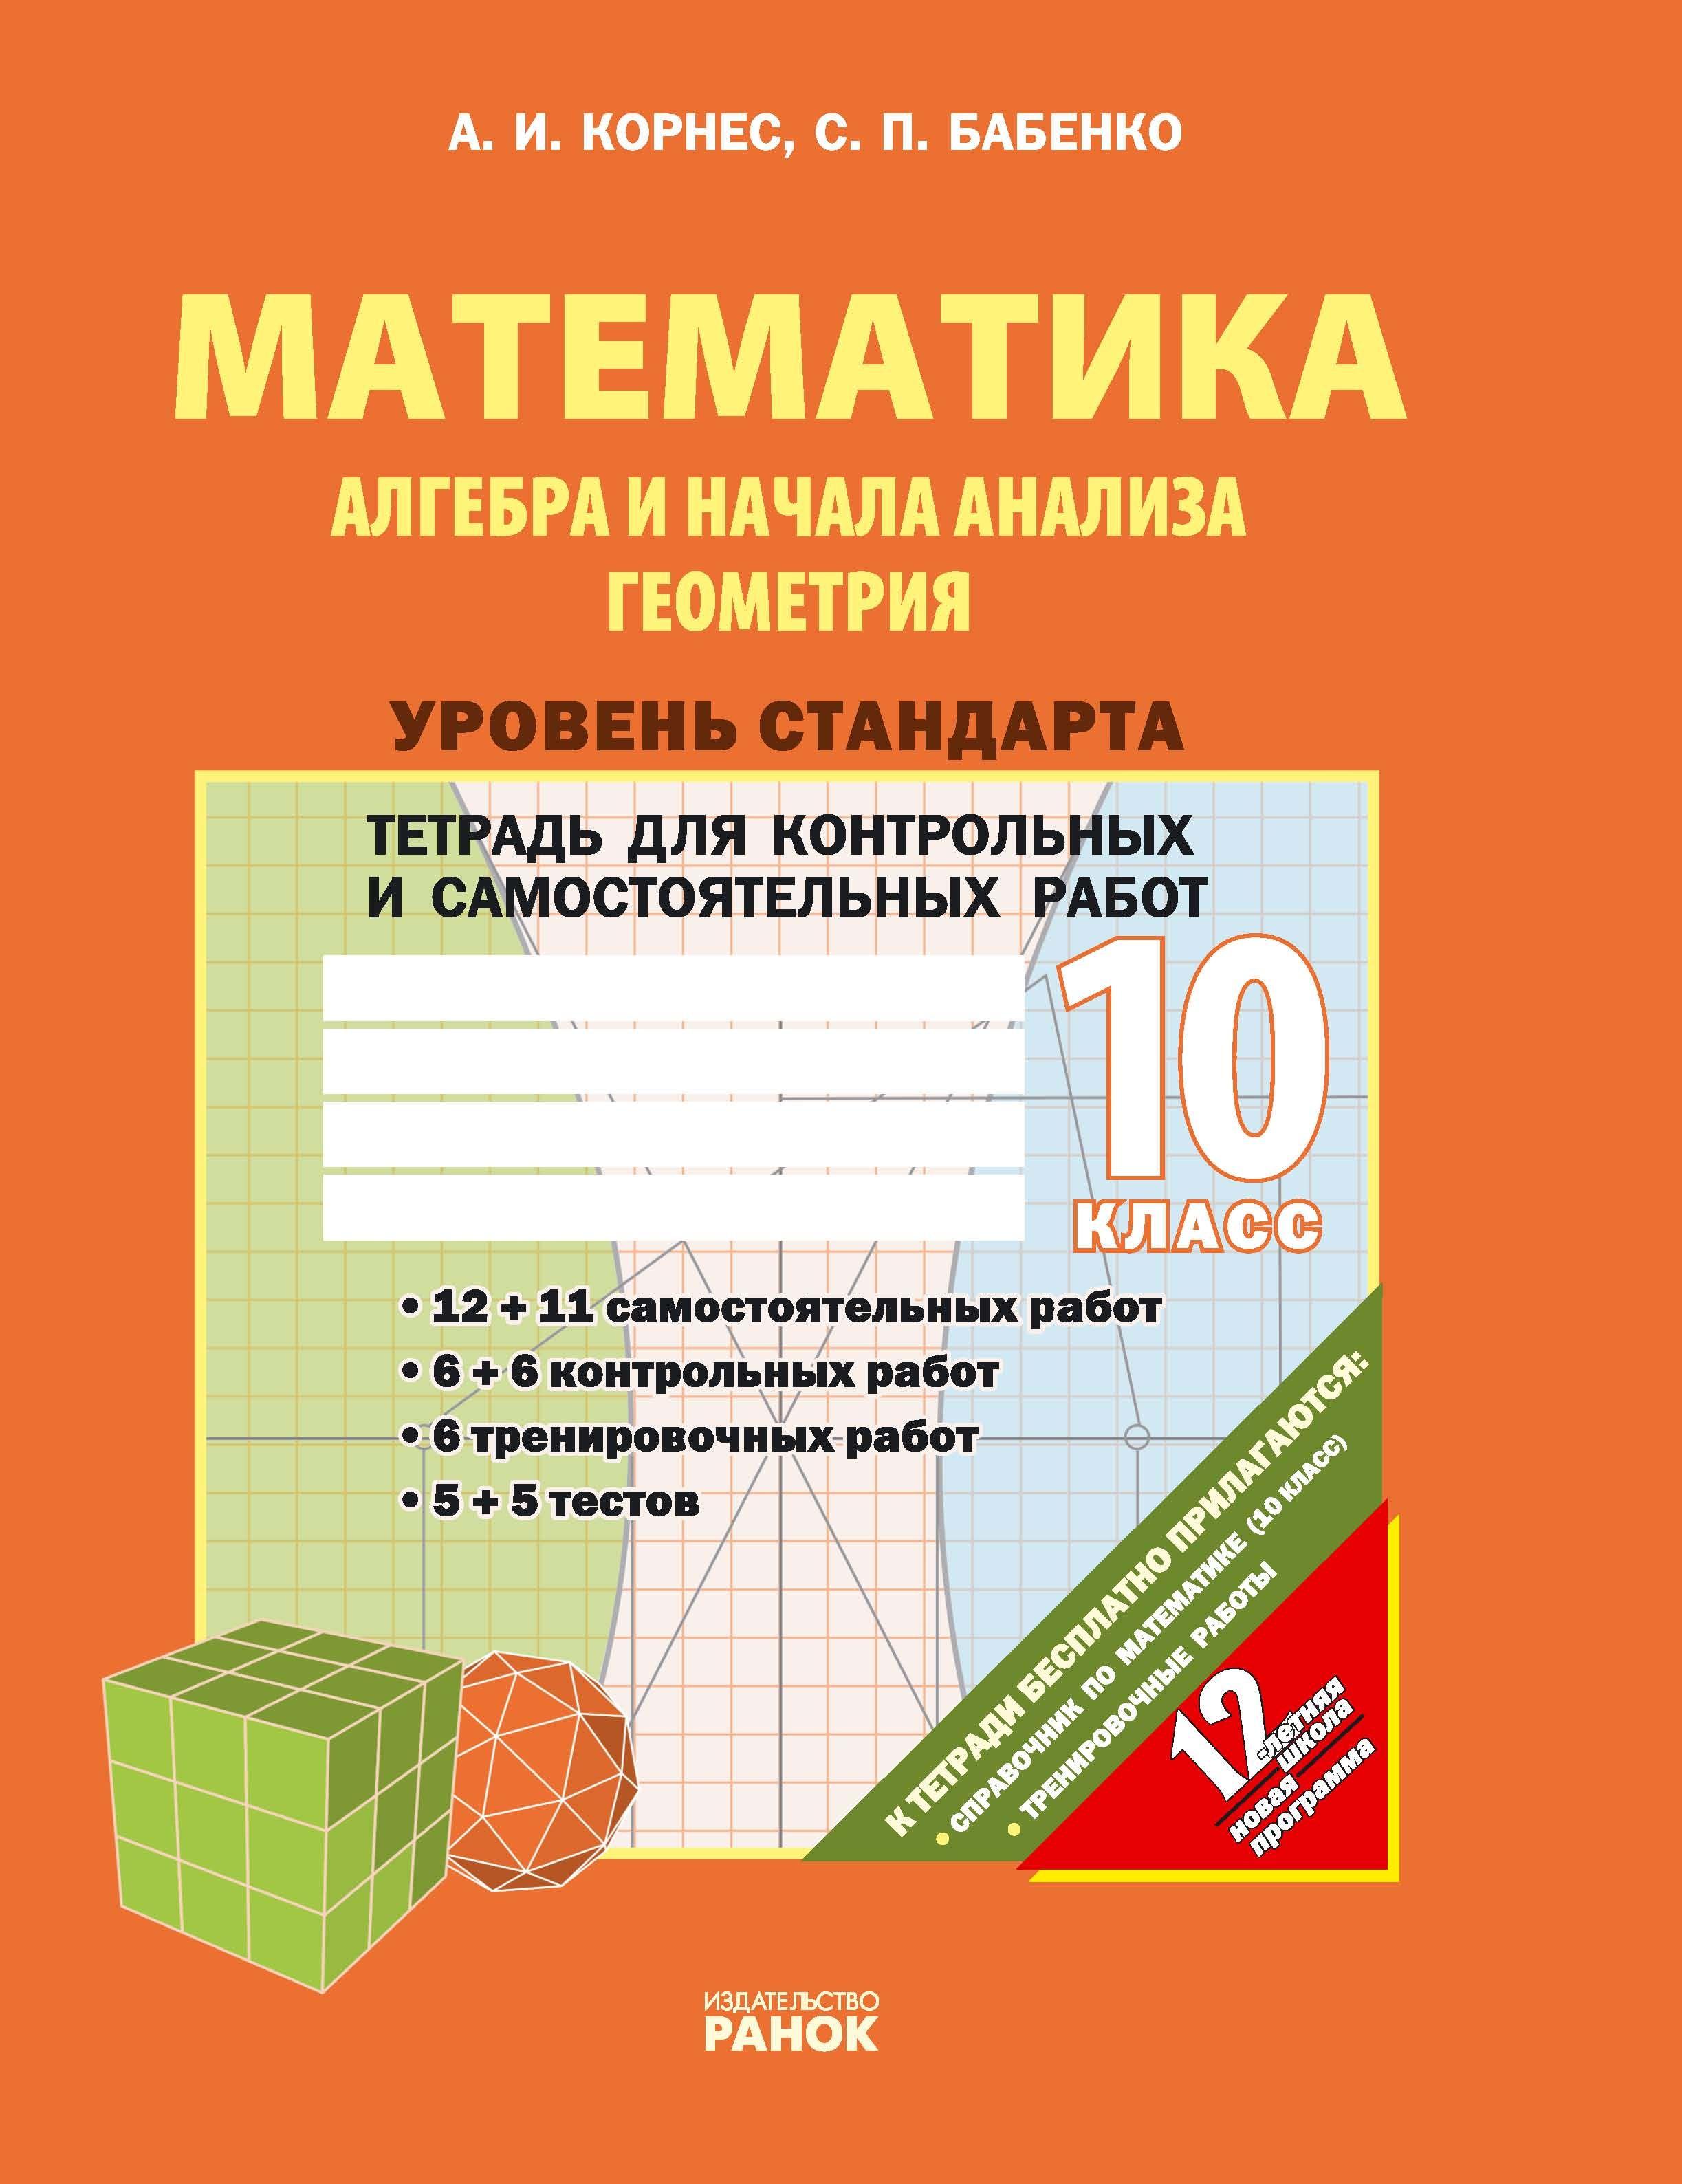 Алгебра геометрия класс решебник для контрольных и  Алгебра геометрия 8 класс решебник для контрольных и самостоятельных работ корнес гдз готовые домашние